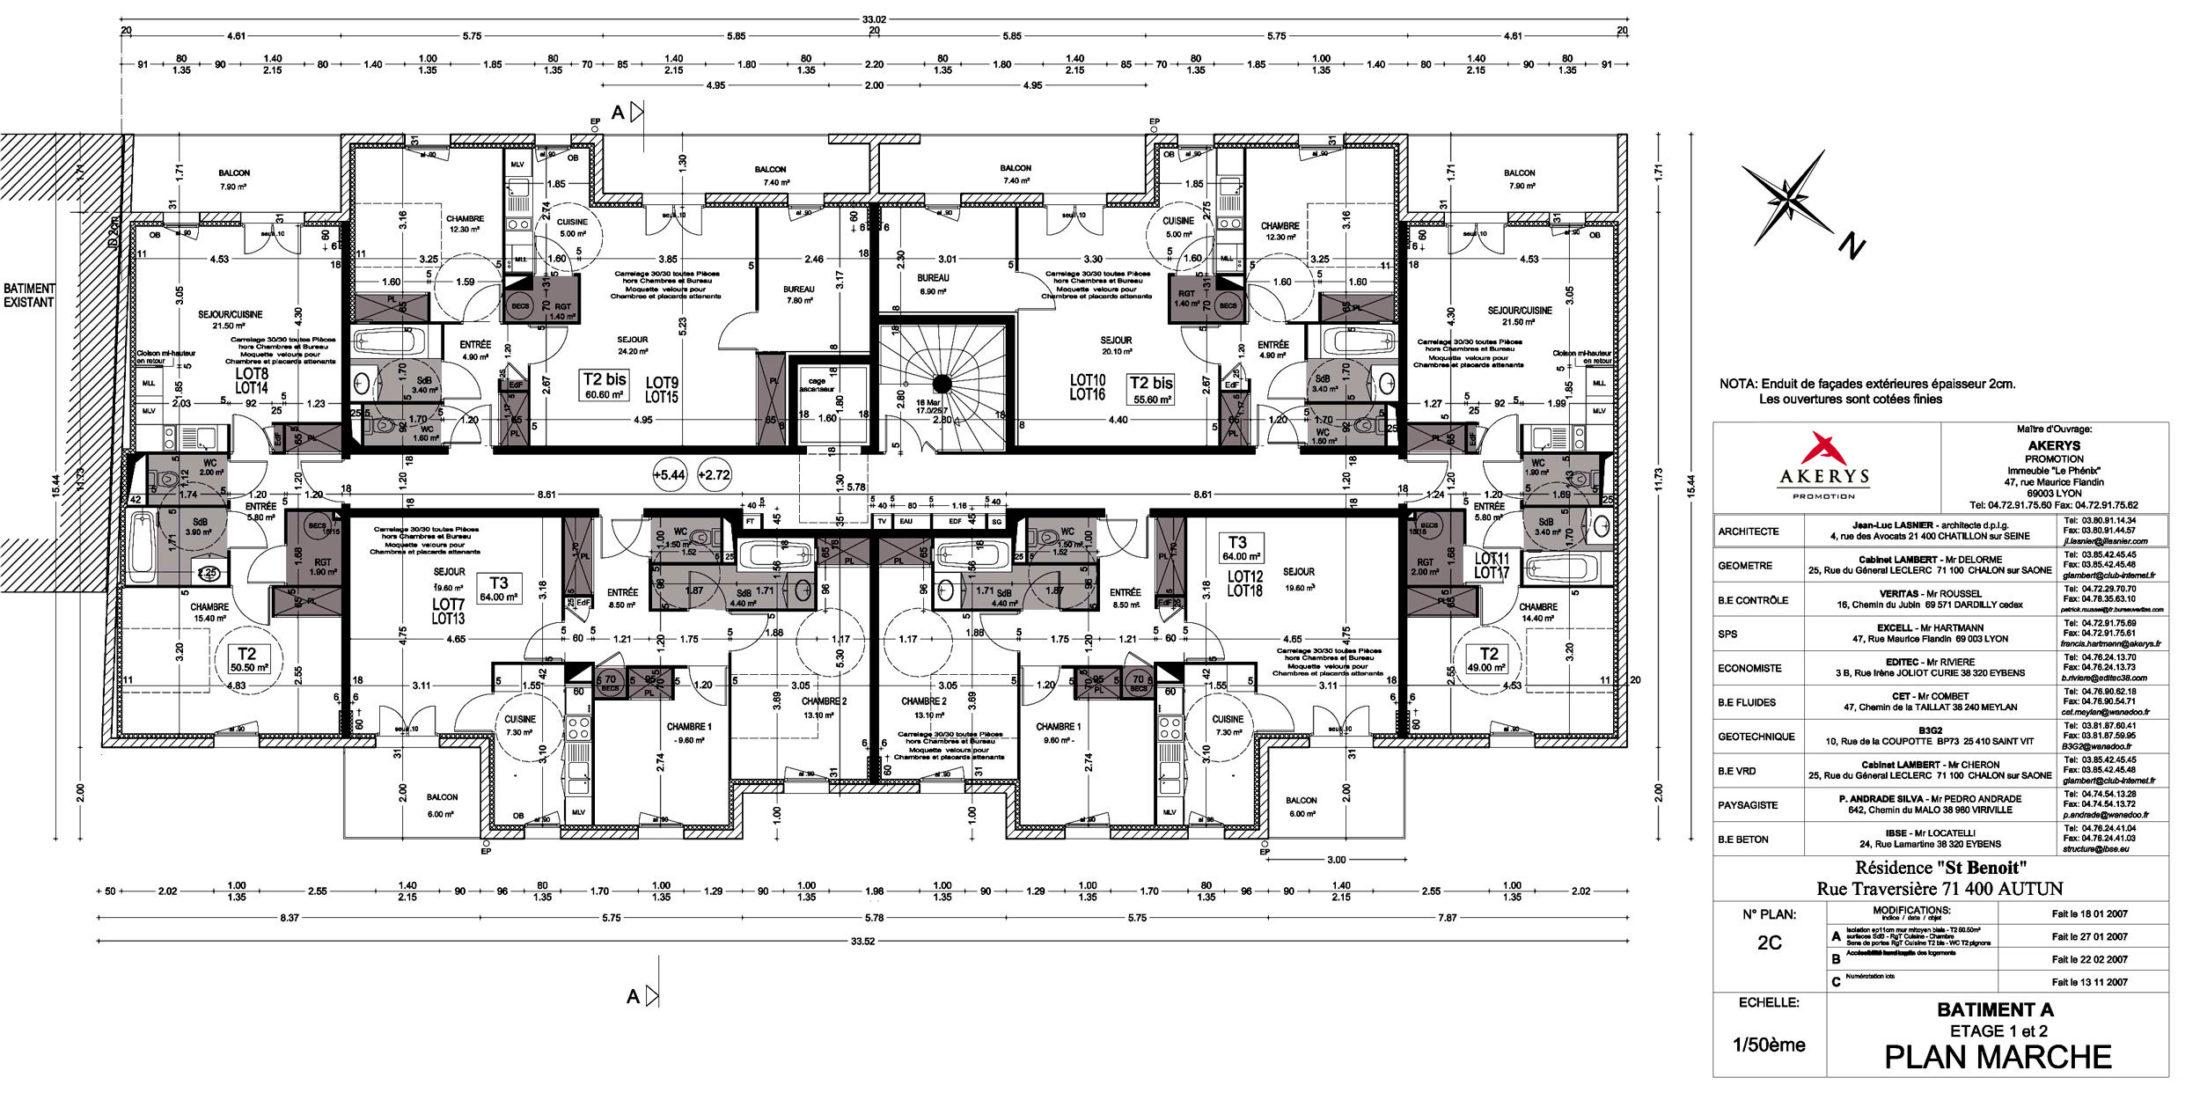 Plan-Marché-PMR BAT-A.-Etage1-&-2